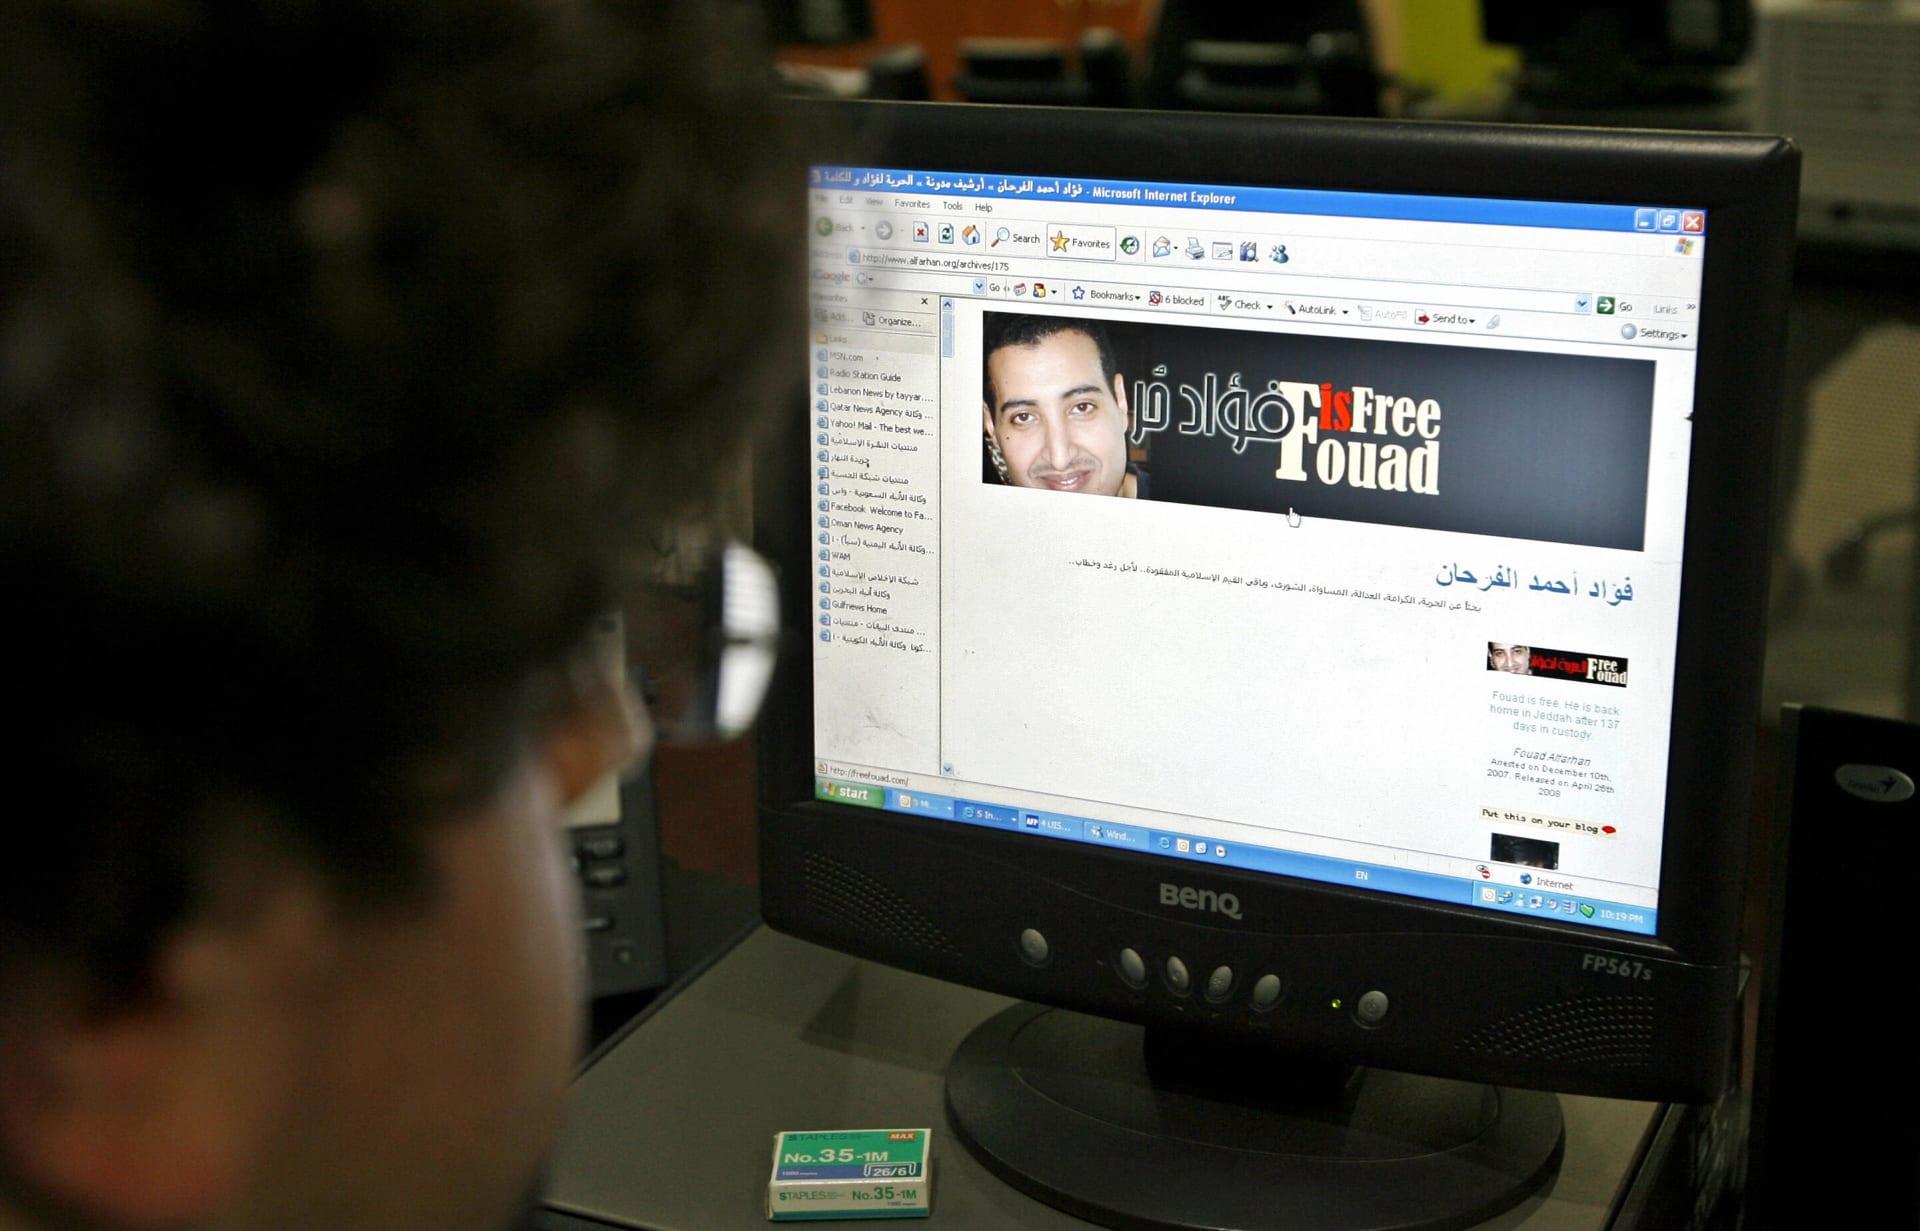 صحف العالم: هجمة غير مسبوقة على المدونين العرب